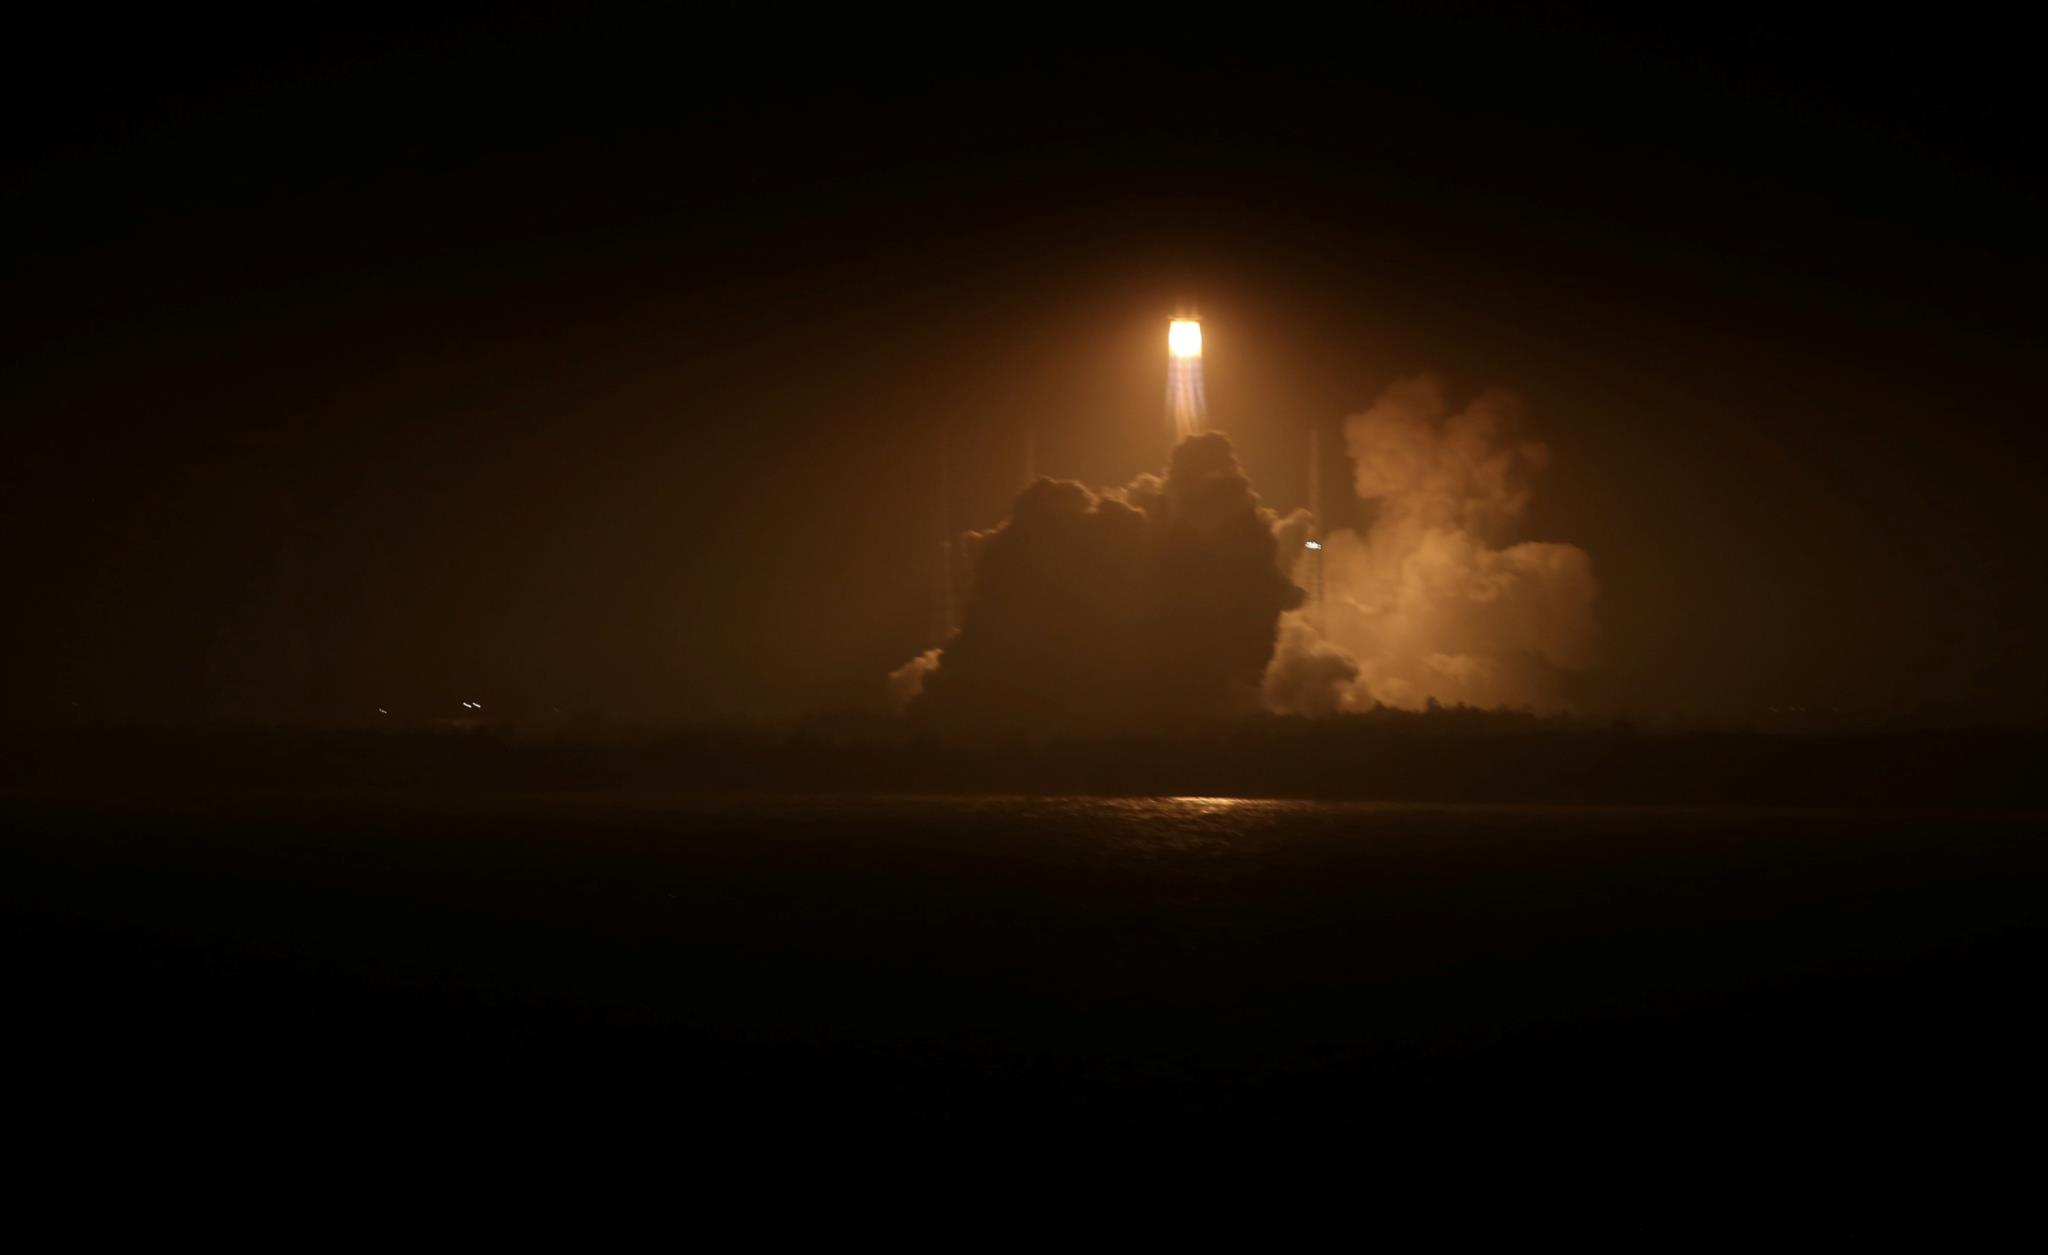 Foguetão Longa Marcha a descolar para levar para o espaço o cargueiro espacial chinês <i>Tianzhou 1</i>